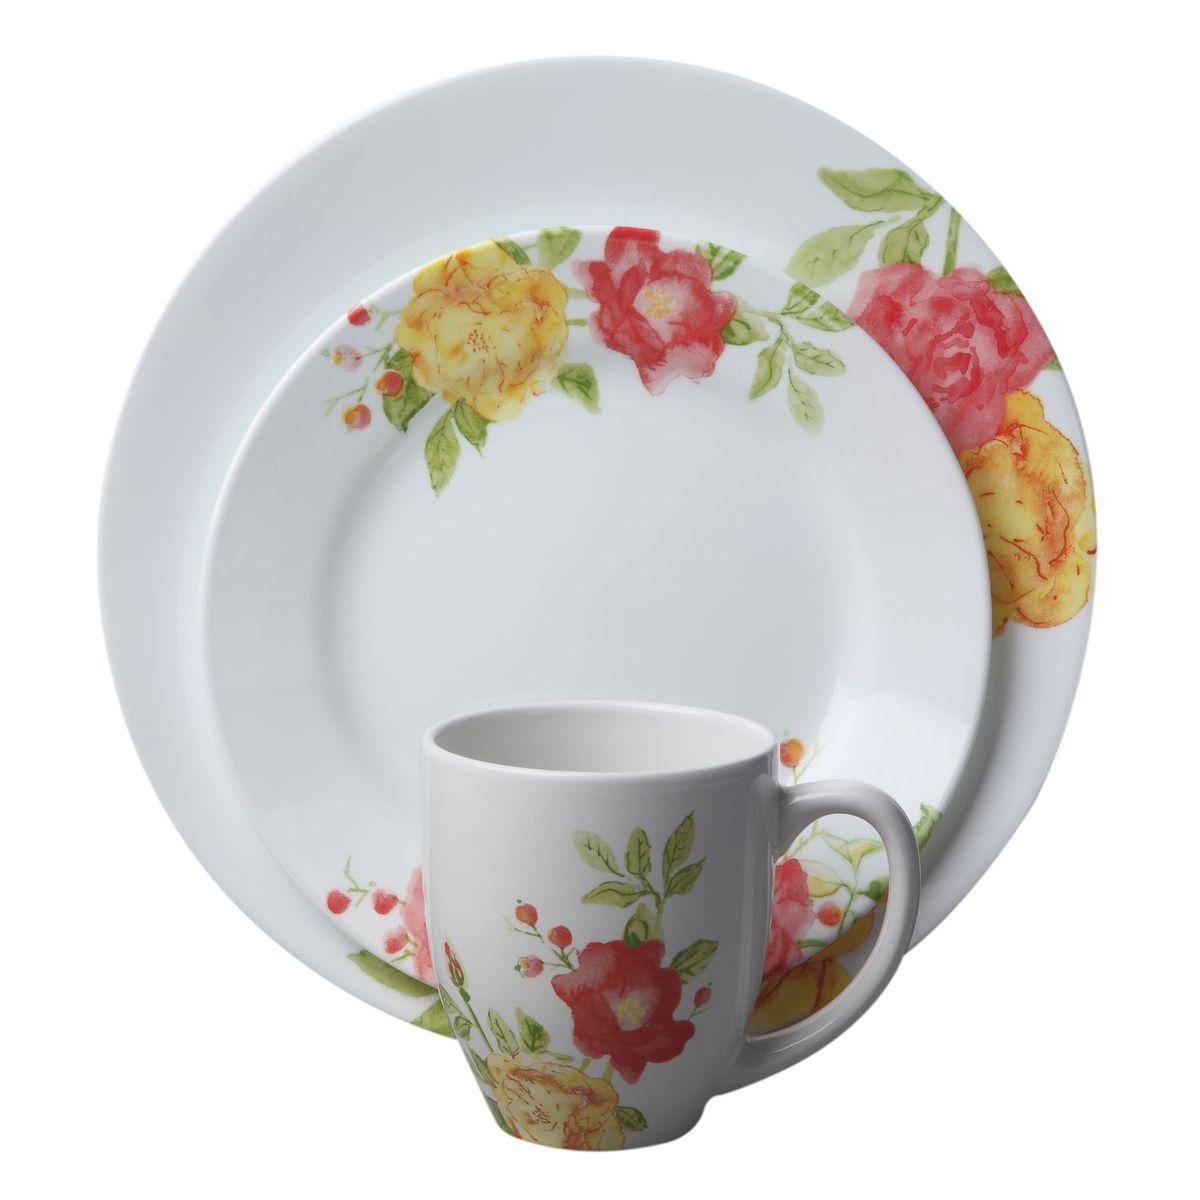 Набор посуды Emma Jane 16пр, цвет: белый с рисунком1114336Преимуществами посуды Corelle являются долговечность, красота и безопасность в использовании. Вся посуда Corelle изготавливается из высококачественного ударопрочного трехслойного стекла Vitrelle и украшена деколями американских и европейских дизайнеров. Рисунки не стираются и не царапаются, не теряют свою яркость на протяжении многих лет. Посуда Corelle не впитывает запахов и очень долгое время выглядит как новая. Уникальная эмаль, используемая во время декорирования, фактически становится единым целым с поверхностью стекла, что гарантирует долгое сохранение нанесенного рисунка. Еще одним из главных преимуществ посуды Corelle является ее безопасность. В производстве используются только безопасные для пищи пигменты эмали, при производстве посуды не применяется вредный для здоровья человека меламин. Изделия из материала Vitrelle:...